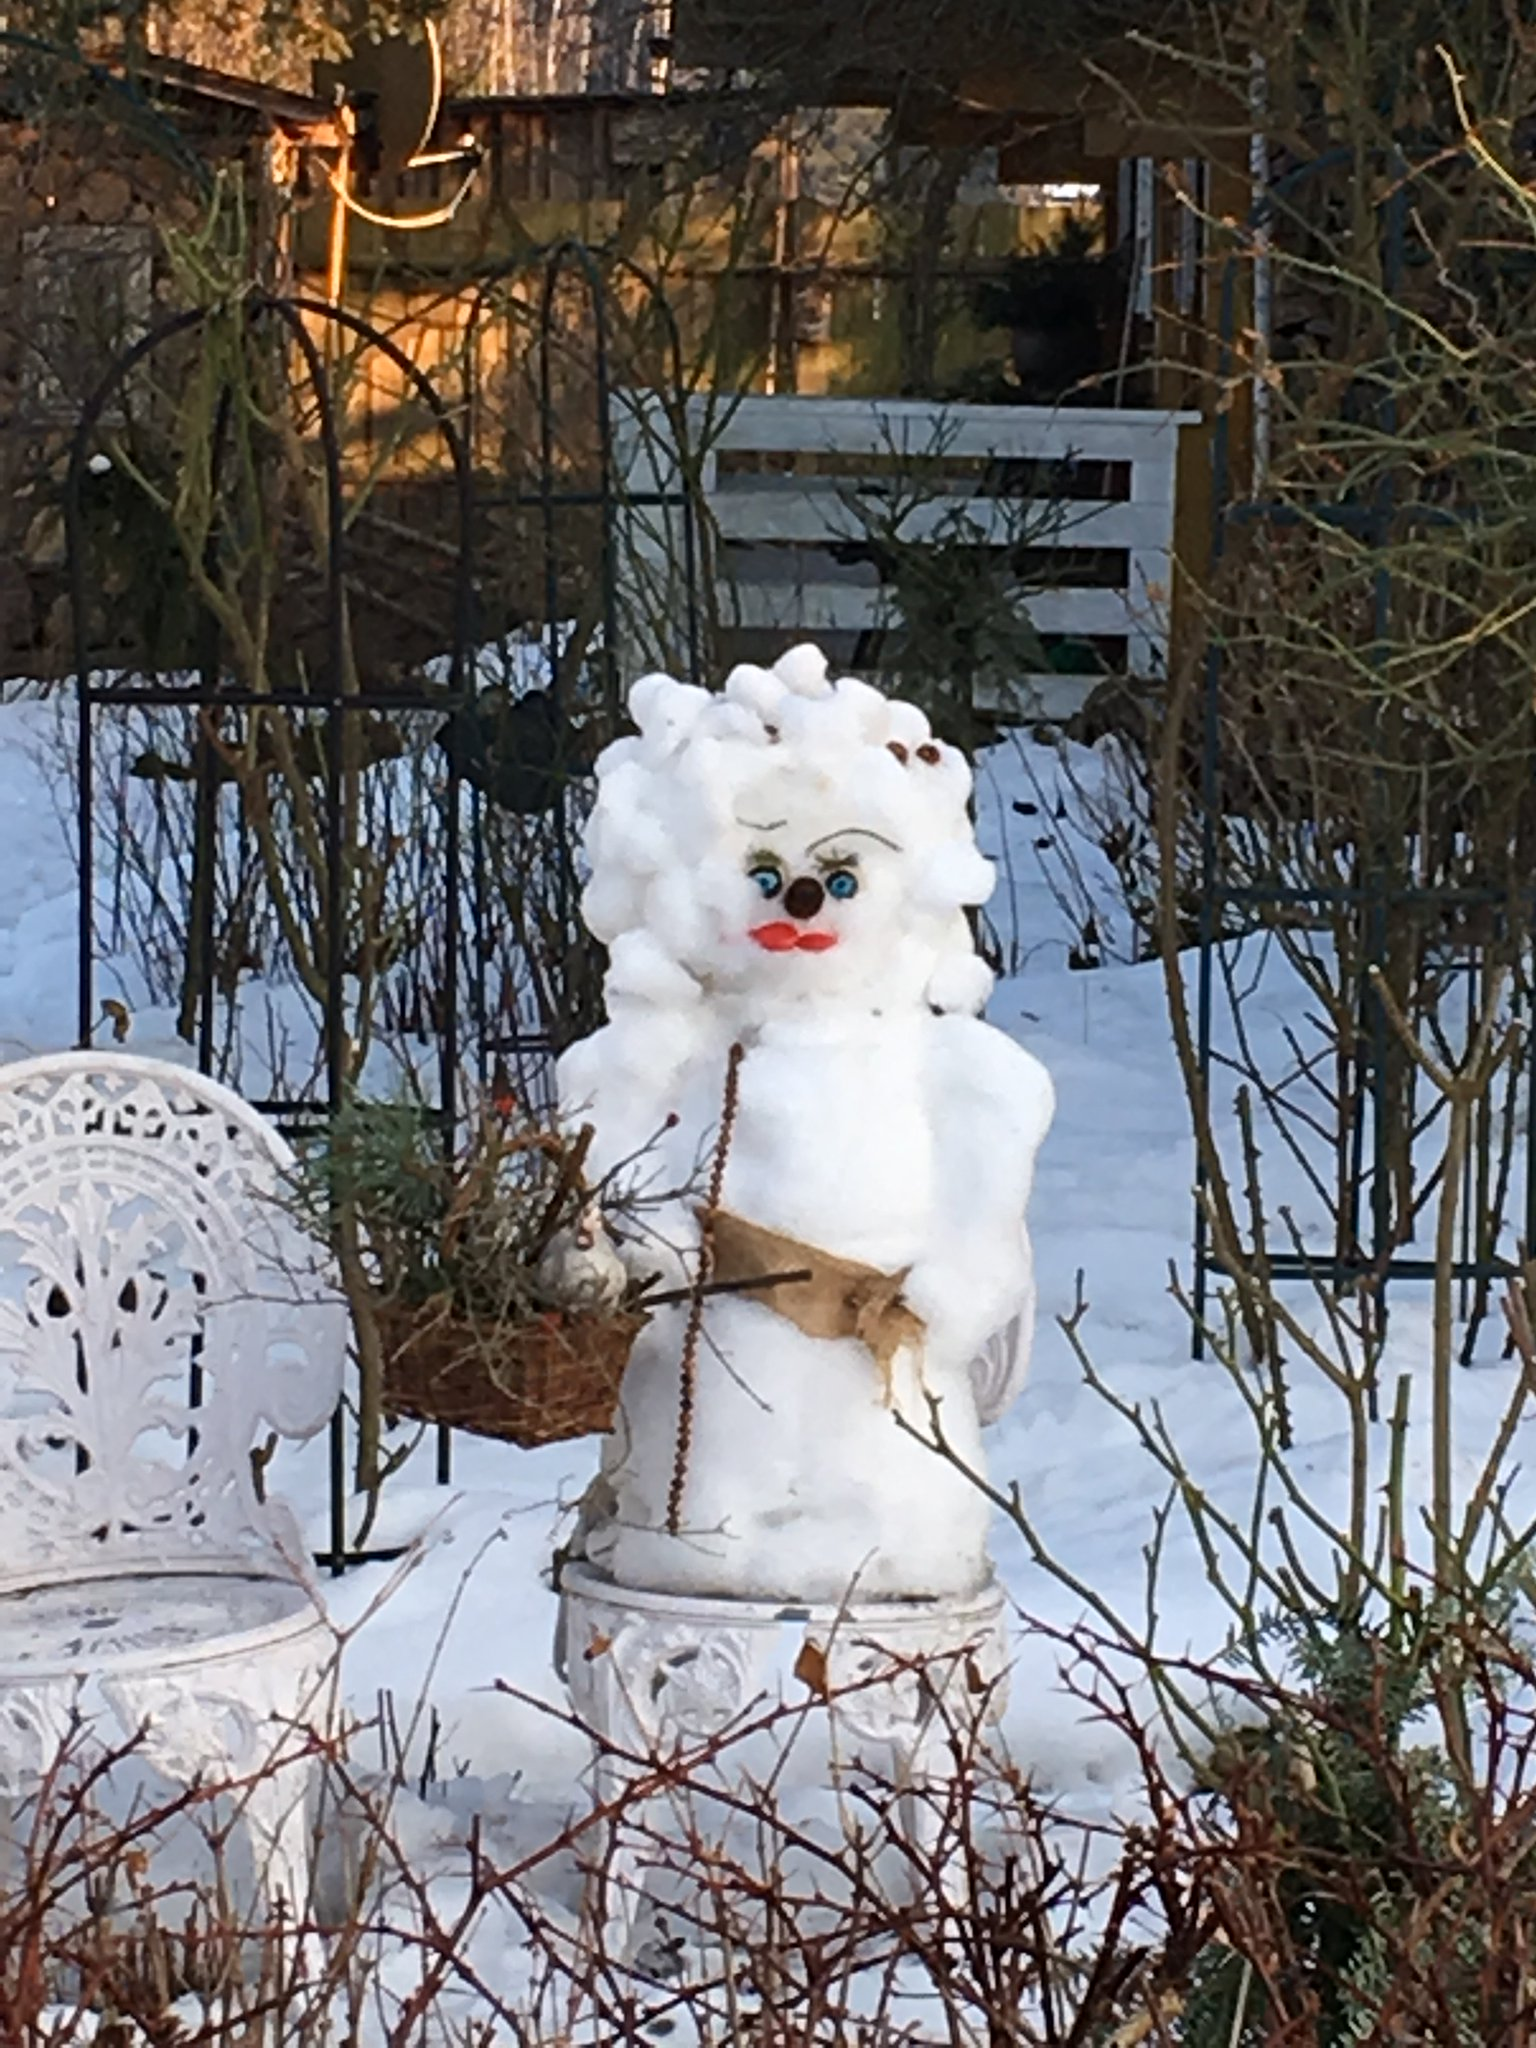 Wir haben auch eine Schneefrau gesehen #saechsischeschweiz #meurers https://t.co/wJ3bfWffOM